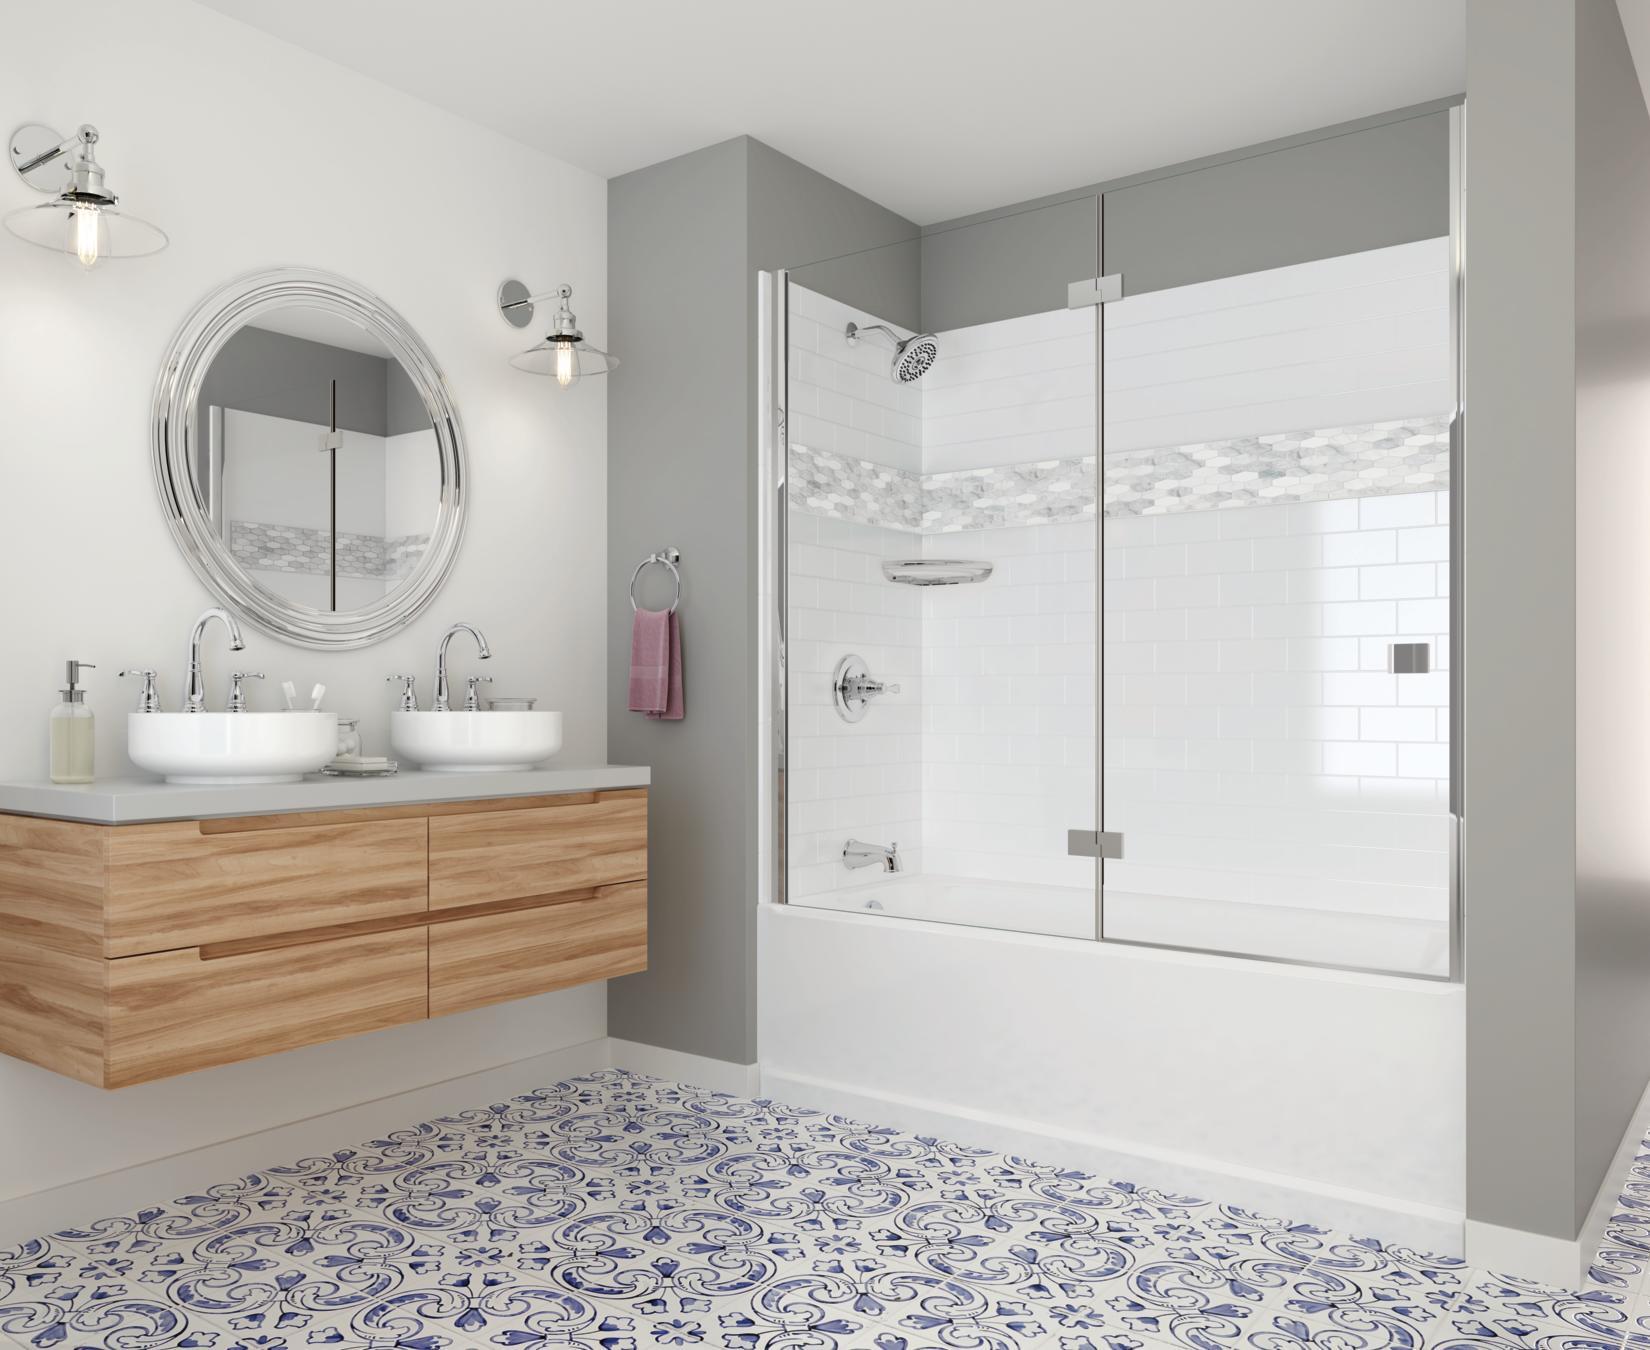 delta upstile semi customizable shower